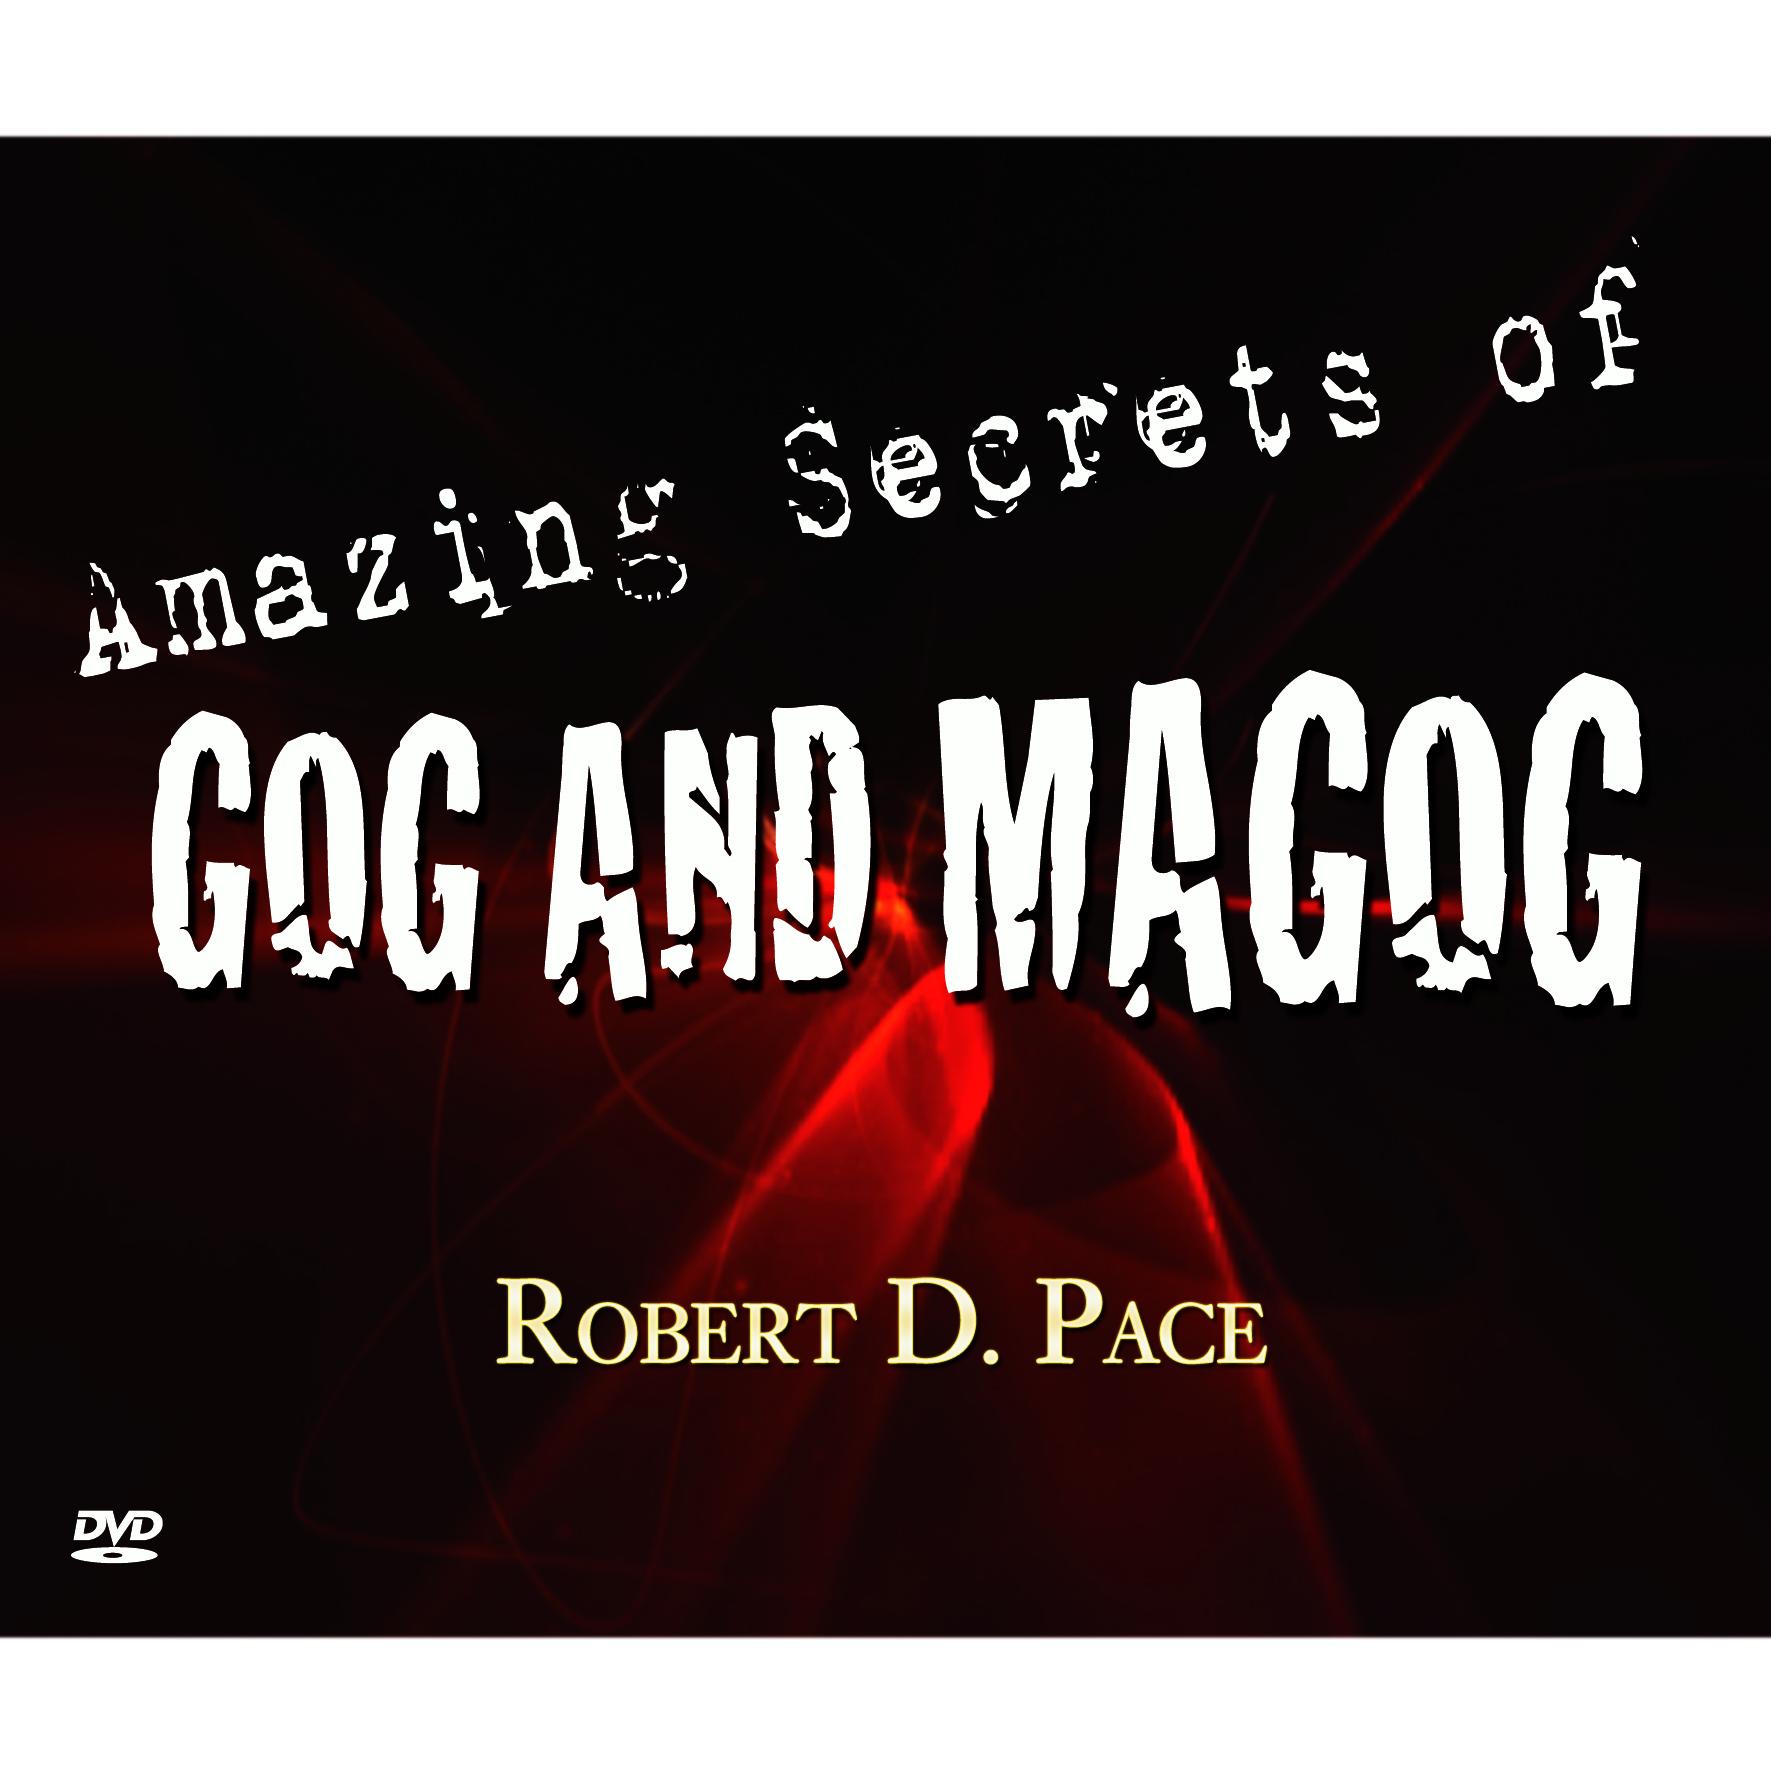 C:UsersRobert D. PacePicturesGog Magog Logo.jpg